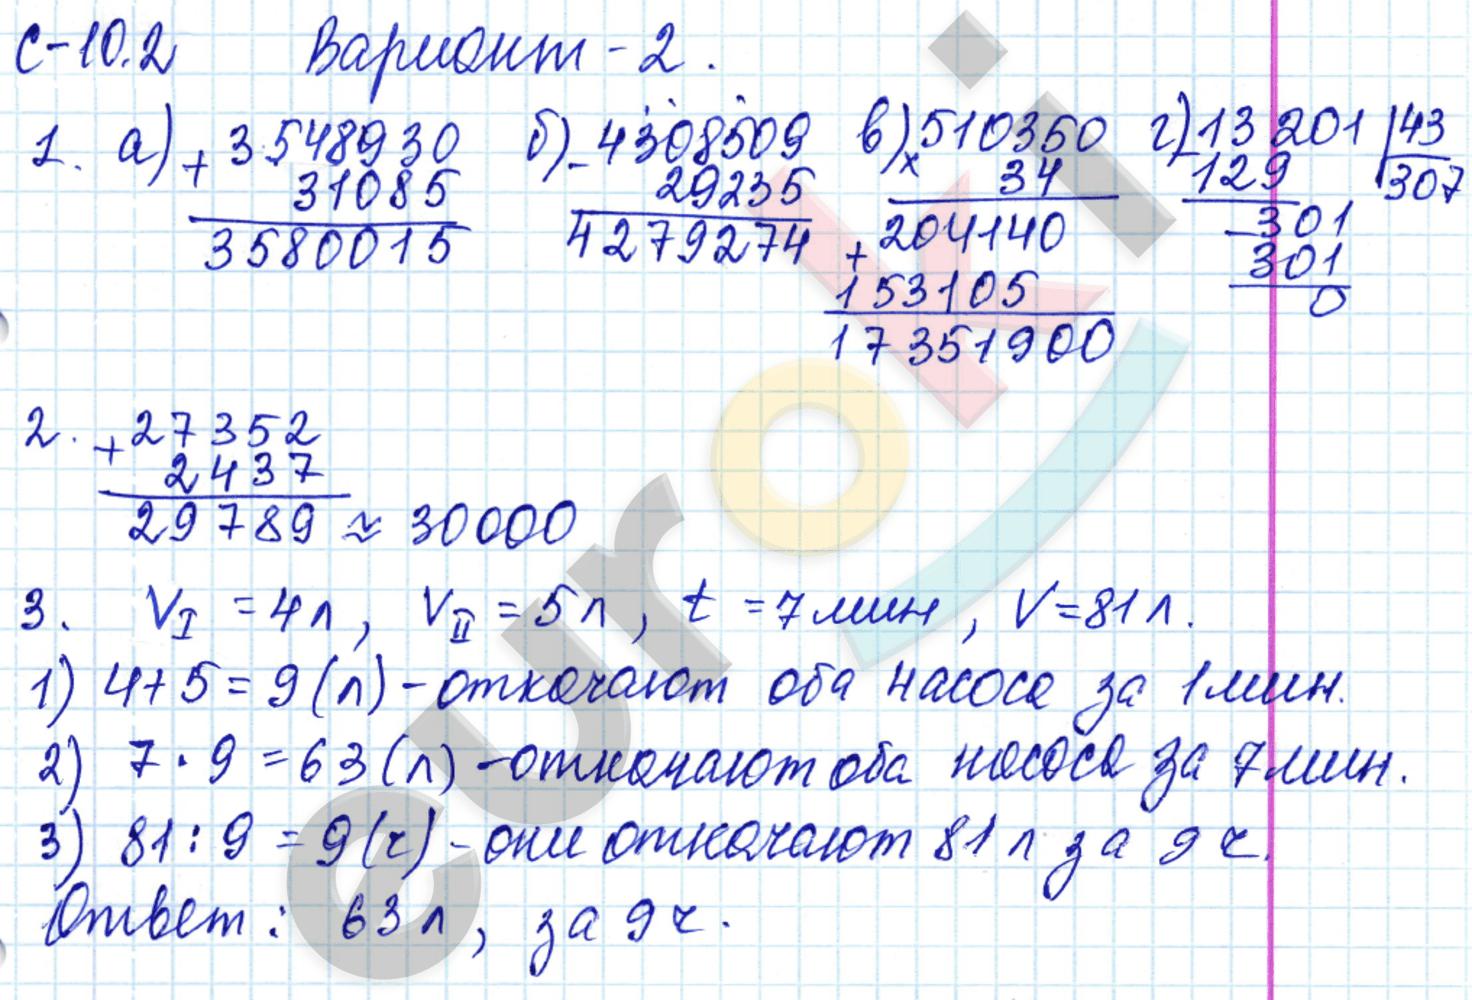 ГДЗ по математике 5 класс самостоятельные работы Зубарева, Мильштейн, Шанцева Тема 1. Натуральные числа, С-10.2. Вычисления с многозначными числами. Задание: Вариант 2